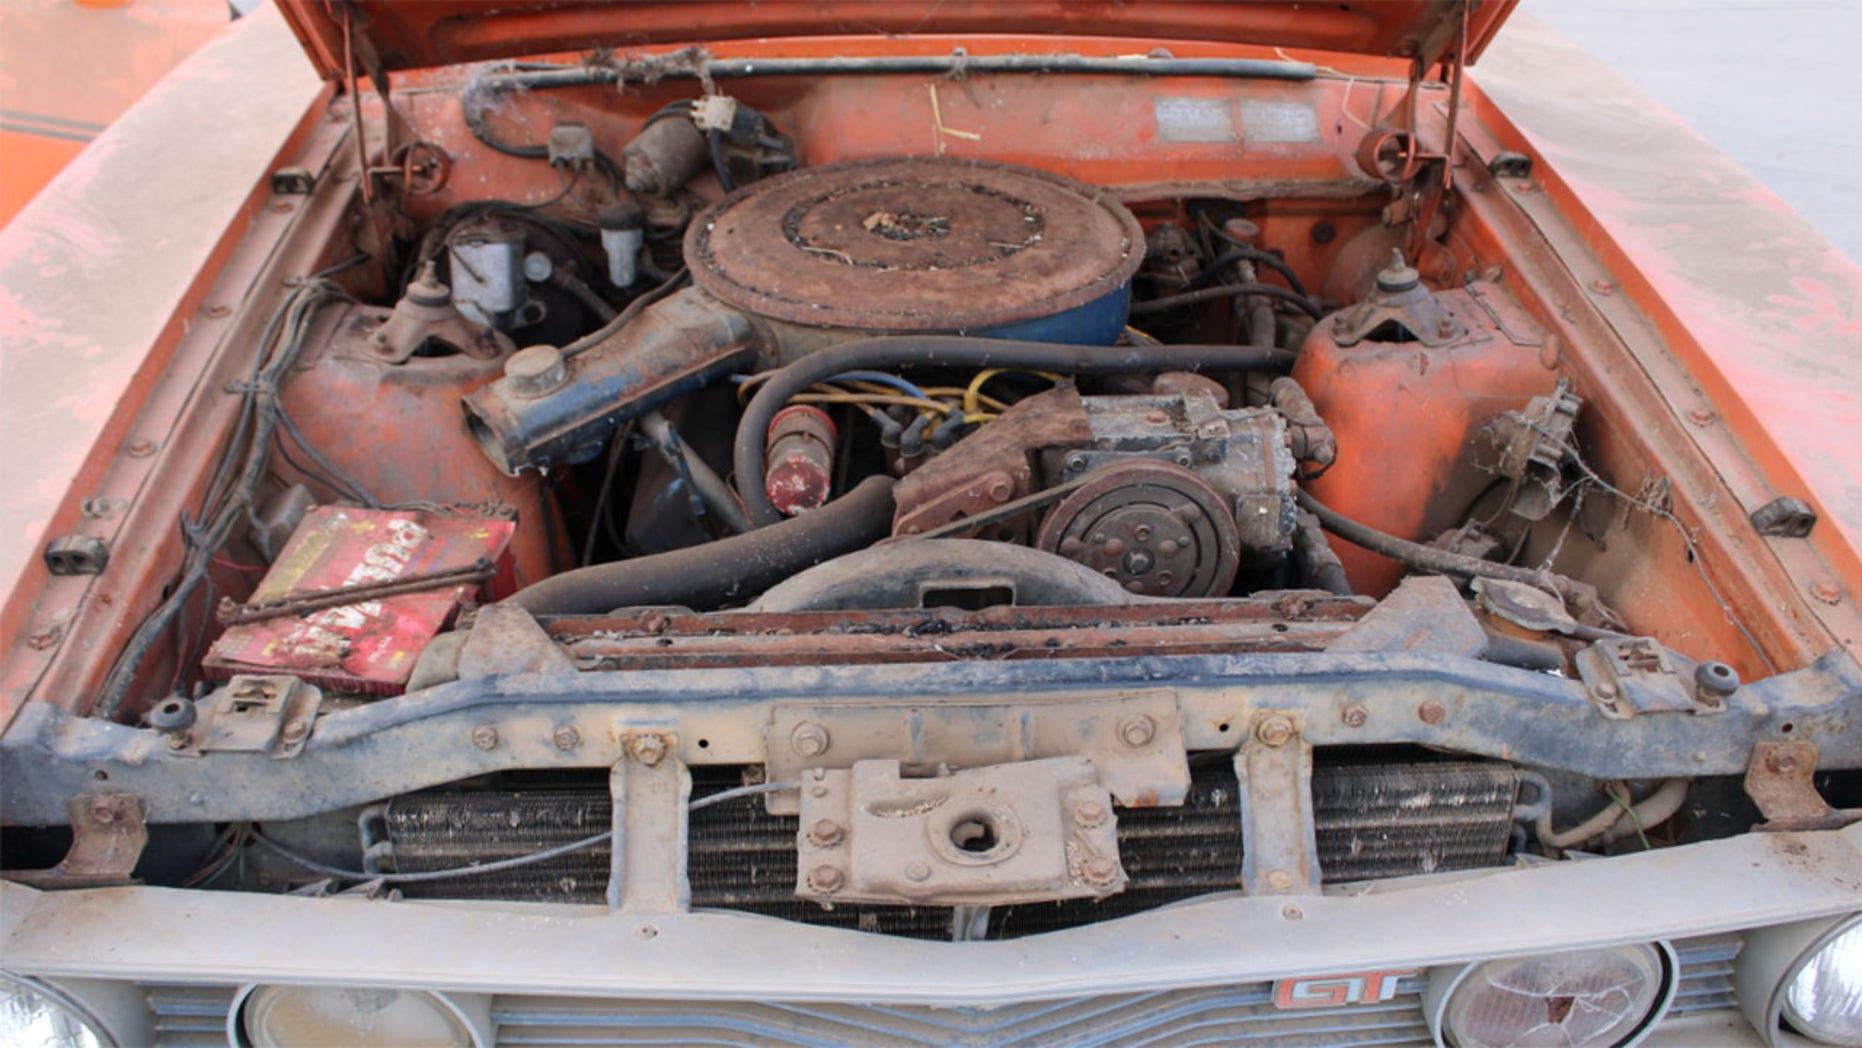 1973 Ford Falcon